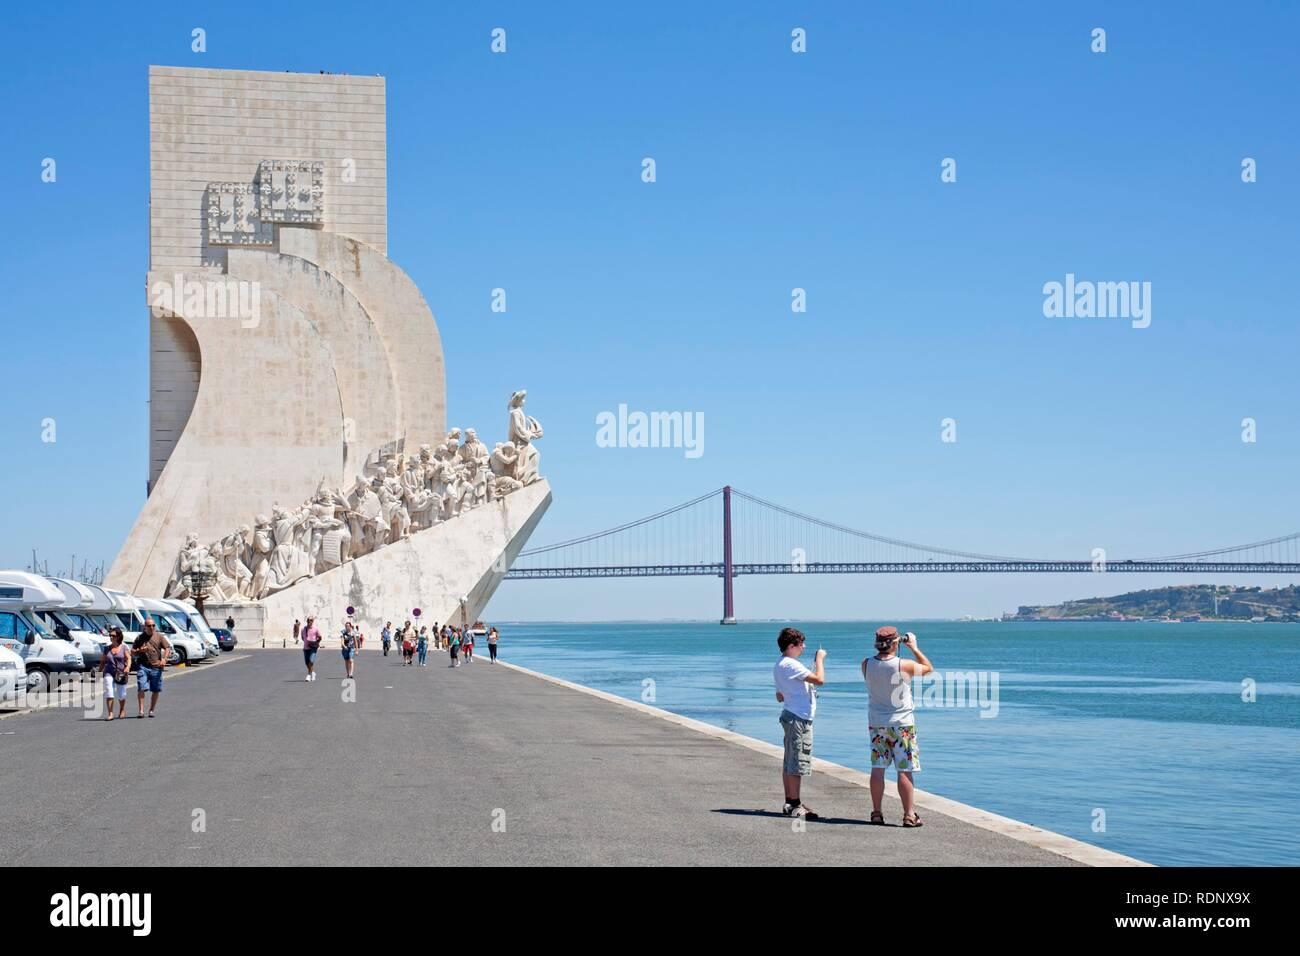 Padrão dos Descobrimentos, Monument to the Discoveries, Belém, Lisbon, Portugal, Europe - Stock Image